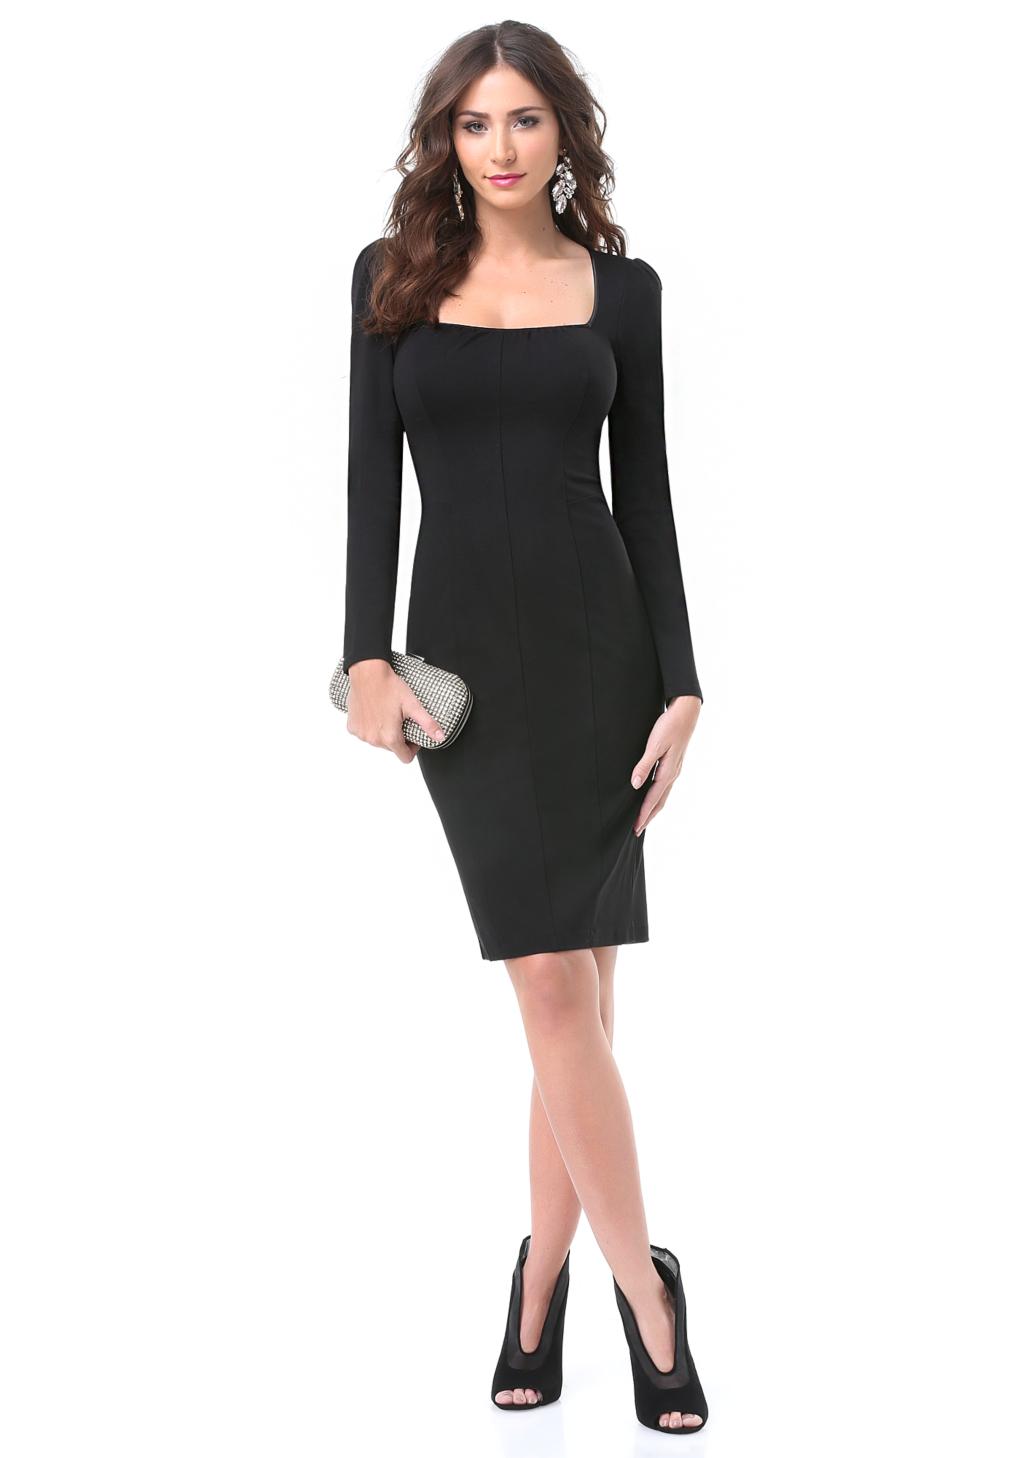 Bebe Reyna Square Neck Dress in Black - Lyst